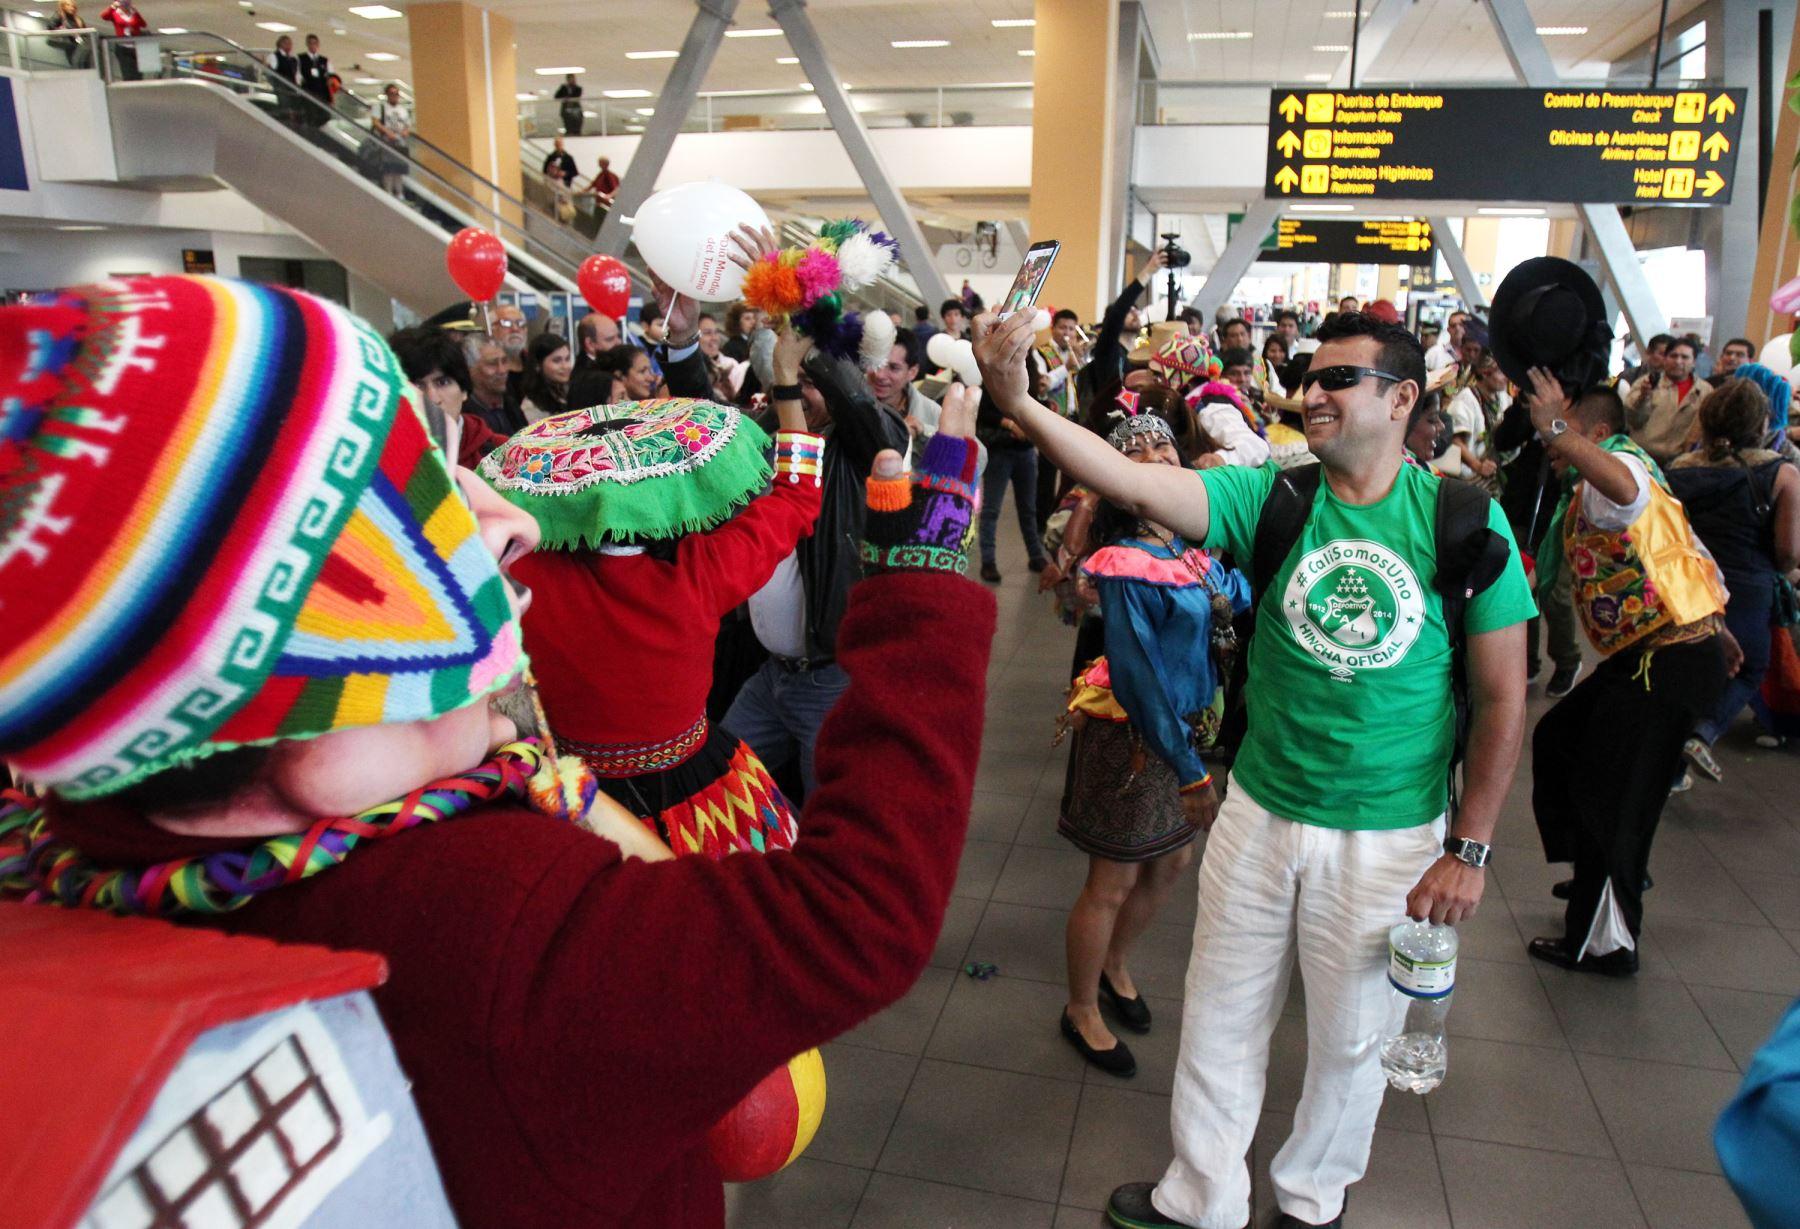 LIMA PERÚ, SETIEMBRE 27. En el día del turismo, el Ministerio de Comercio Exterior y Turismo, recibe con música y bailes a  turistas en el aeropuerto internacional Jorge Chavez. Foto: ANDINA/Melina Mejia